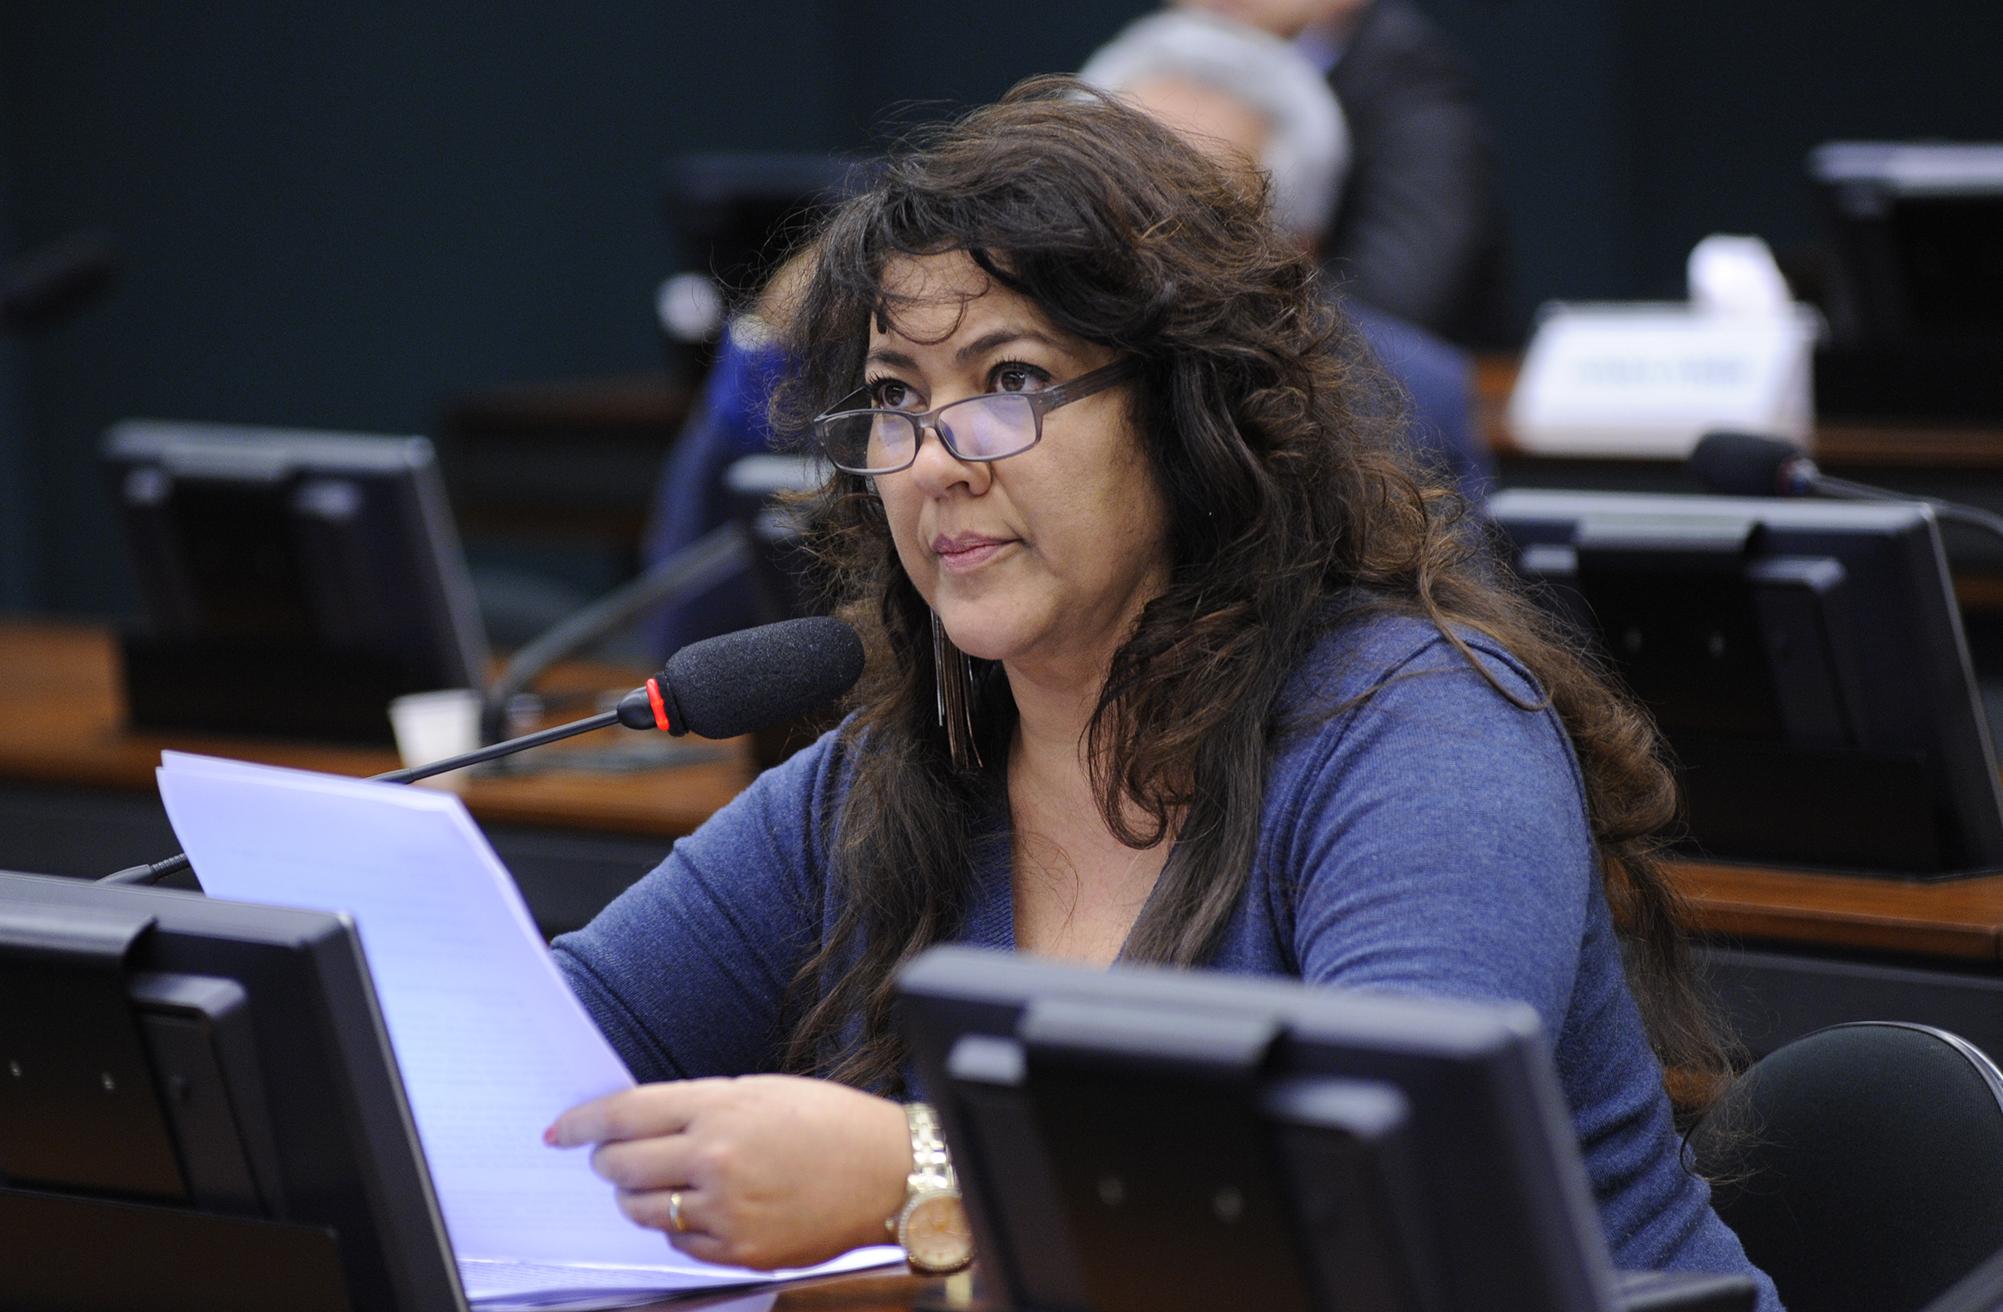 Audiência pública para tomada de depoimento do ex-interventor da Santa Casa de Misericórdia de Birigui/SP, Fábio Dutra Bertolin. Dep. Christiane de Souza Yared (PTN-PR)